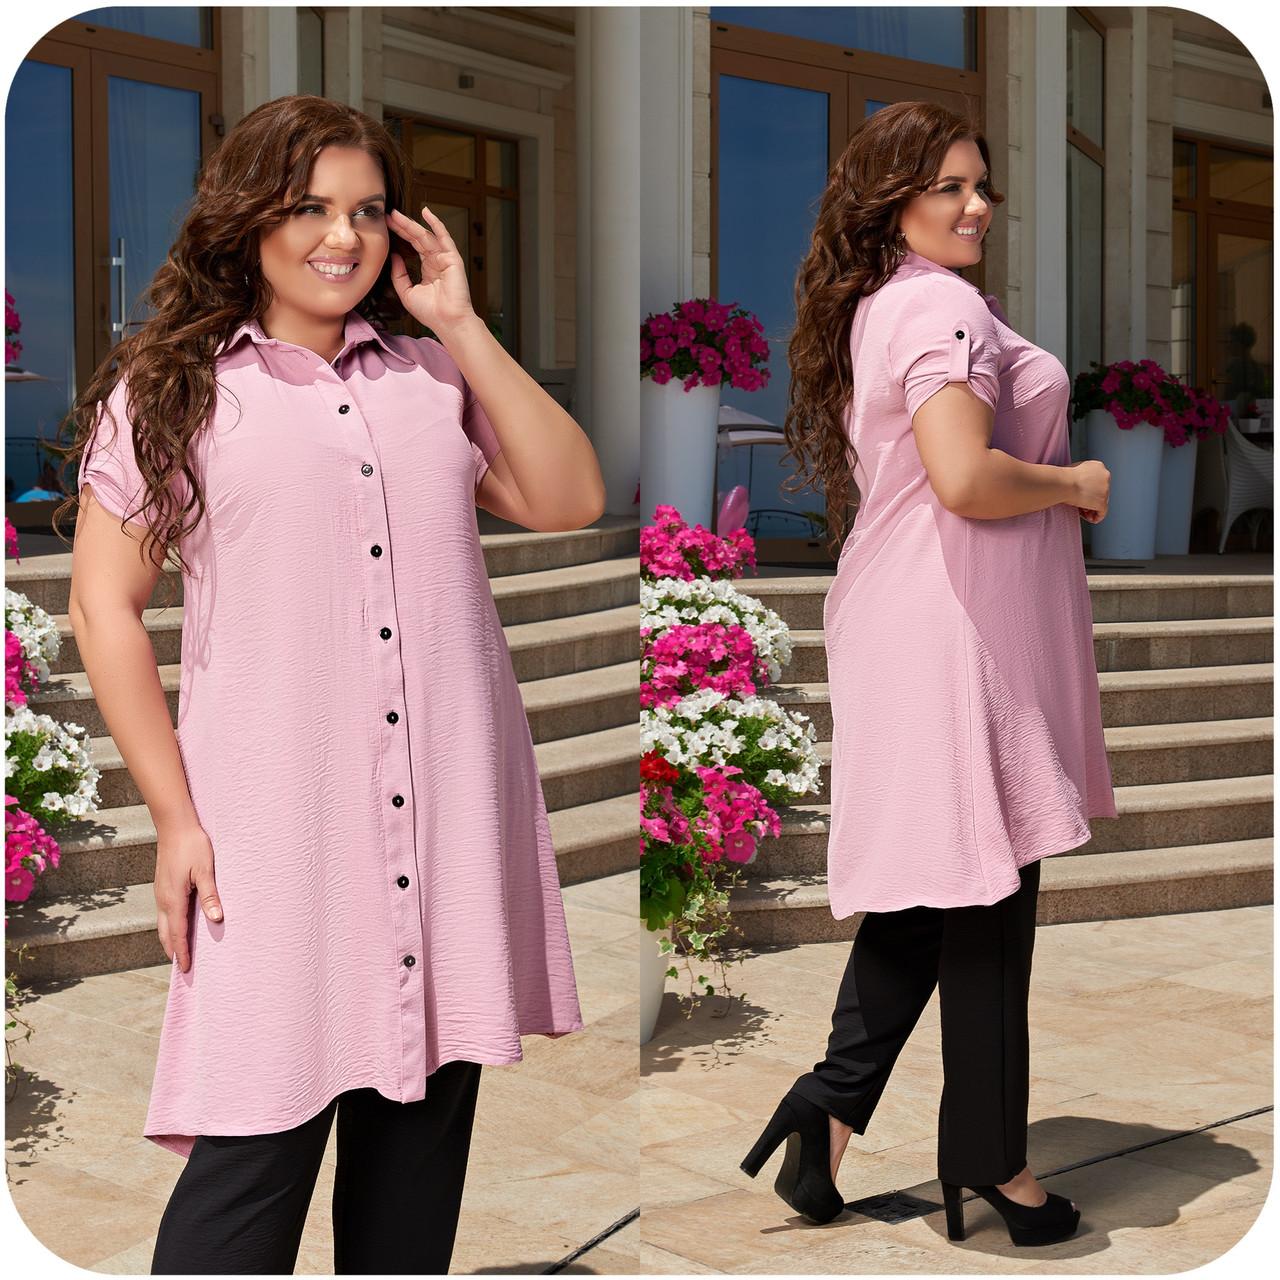 Нарядный костюм женский Удлиненная блуза и брюки Размер 48 50 52 54 56 58 60 62 64 66 В наличии 4 цвета